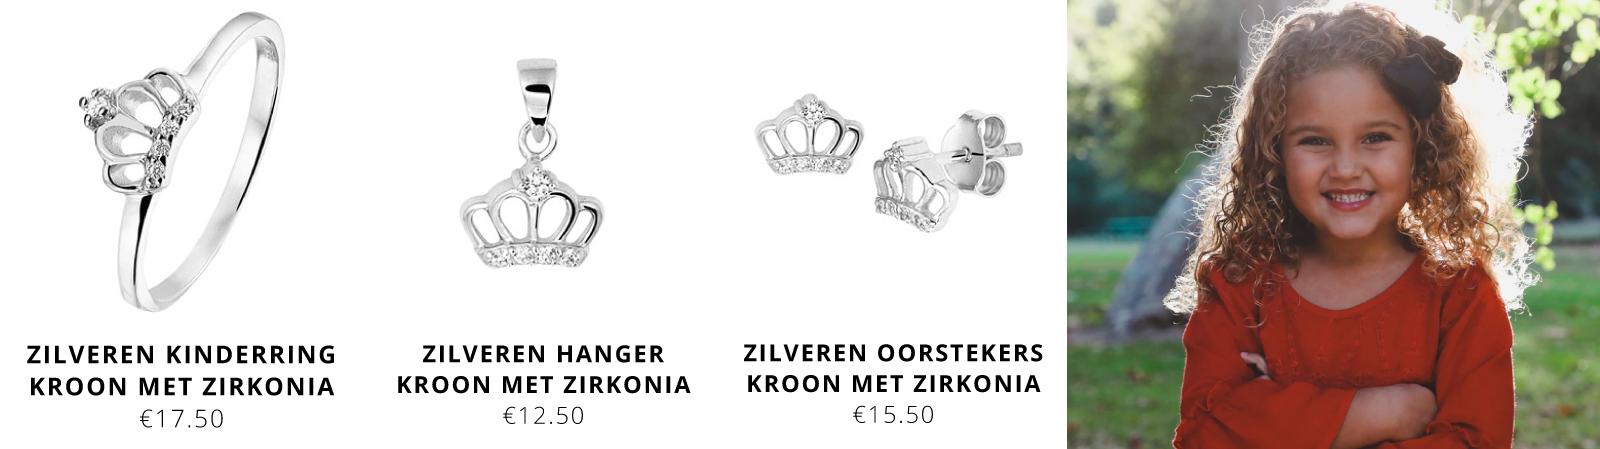 Zilveren-kinderring-kroon-met-zirkonia,-zilveren-hanger-kind-en-oorknopjes-voor-kinderen-bij-Wolters-Juweliers-Coevorden-Emmen